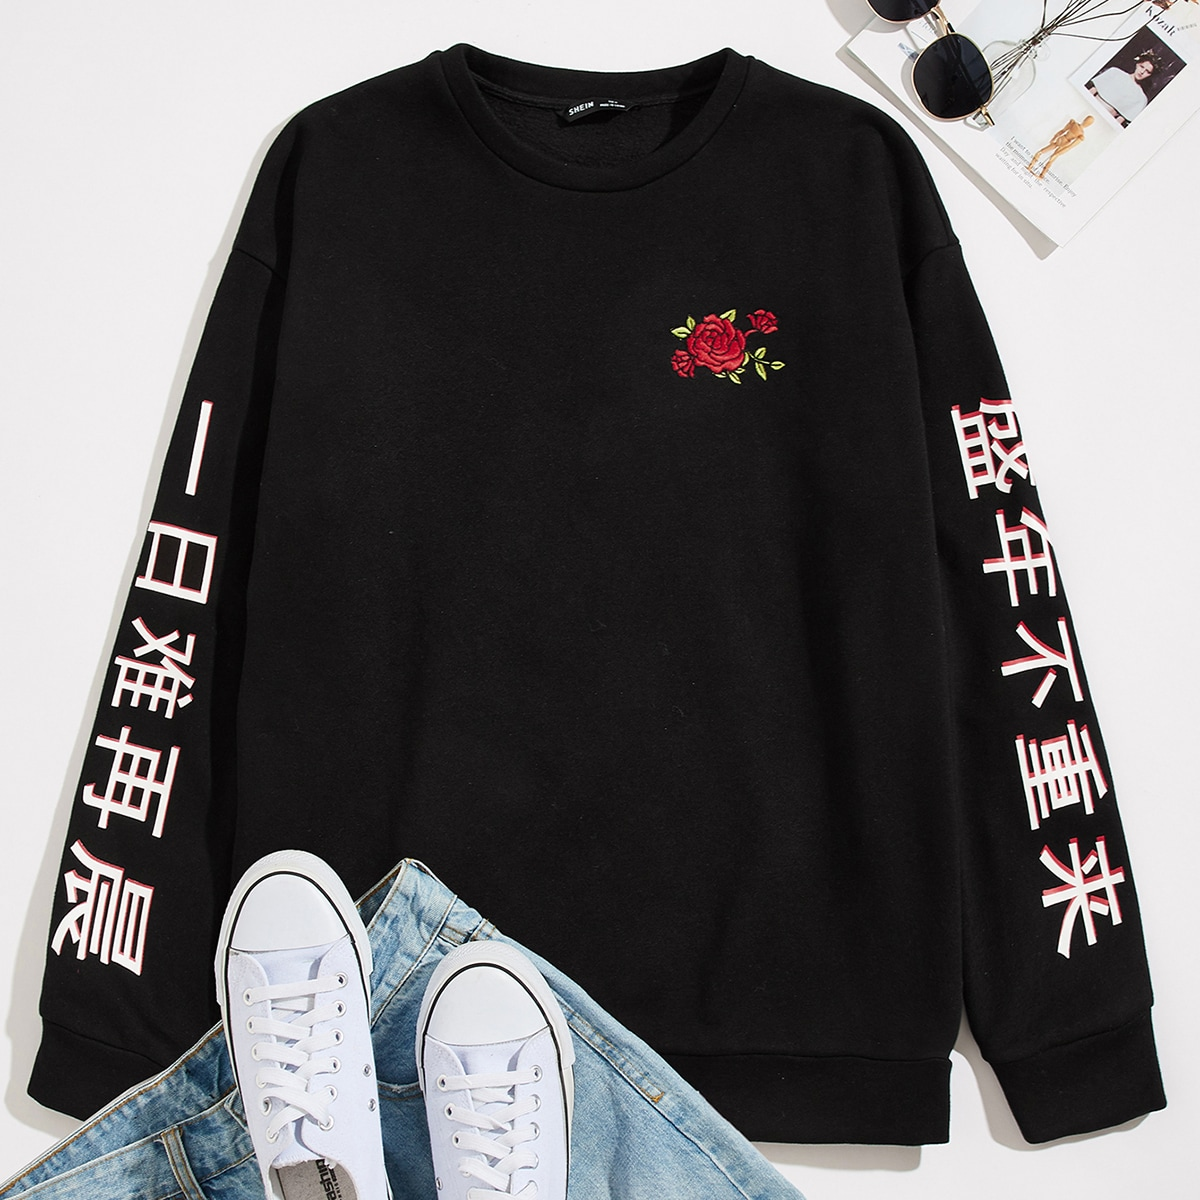 Мужской пуловер с цветочной вышивкой и текстовым принтом от SHEIN